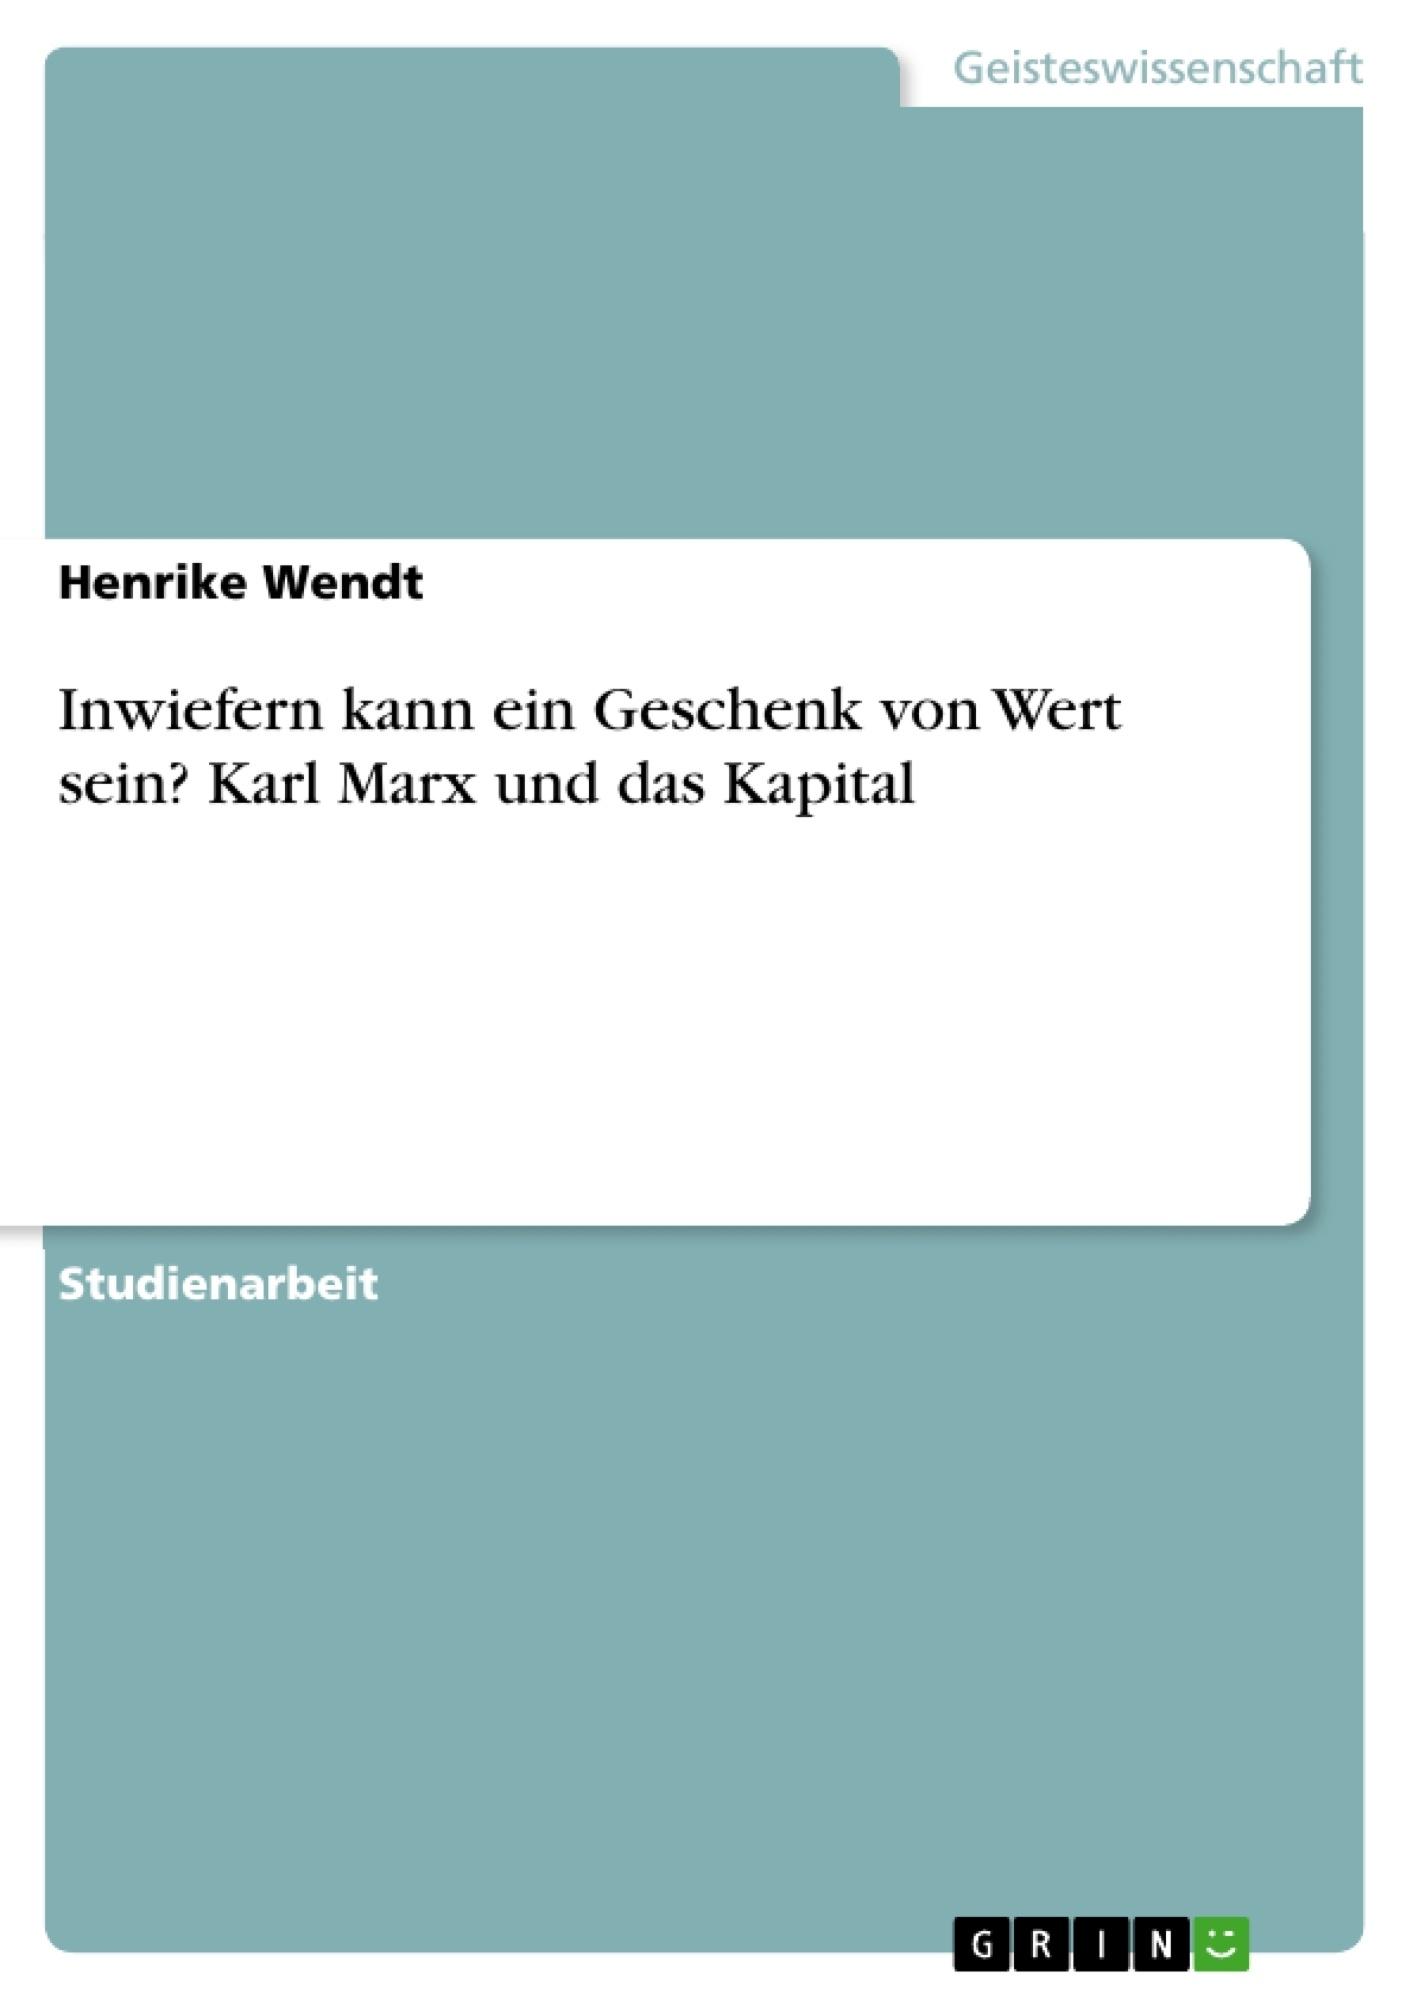 Titel: Inwiefern kann ein Geschenk von Wert sein? Karl Marx und das Kapital